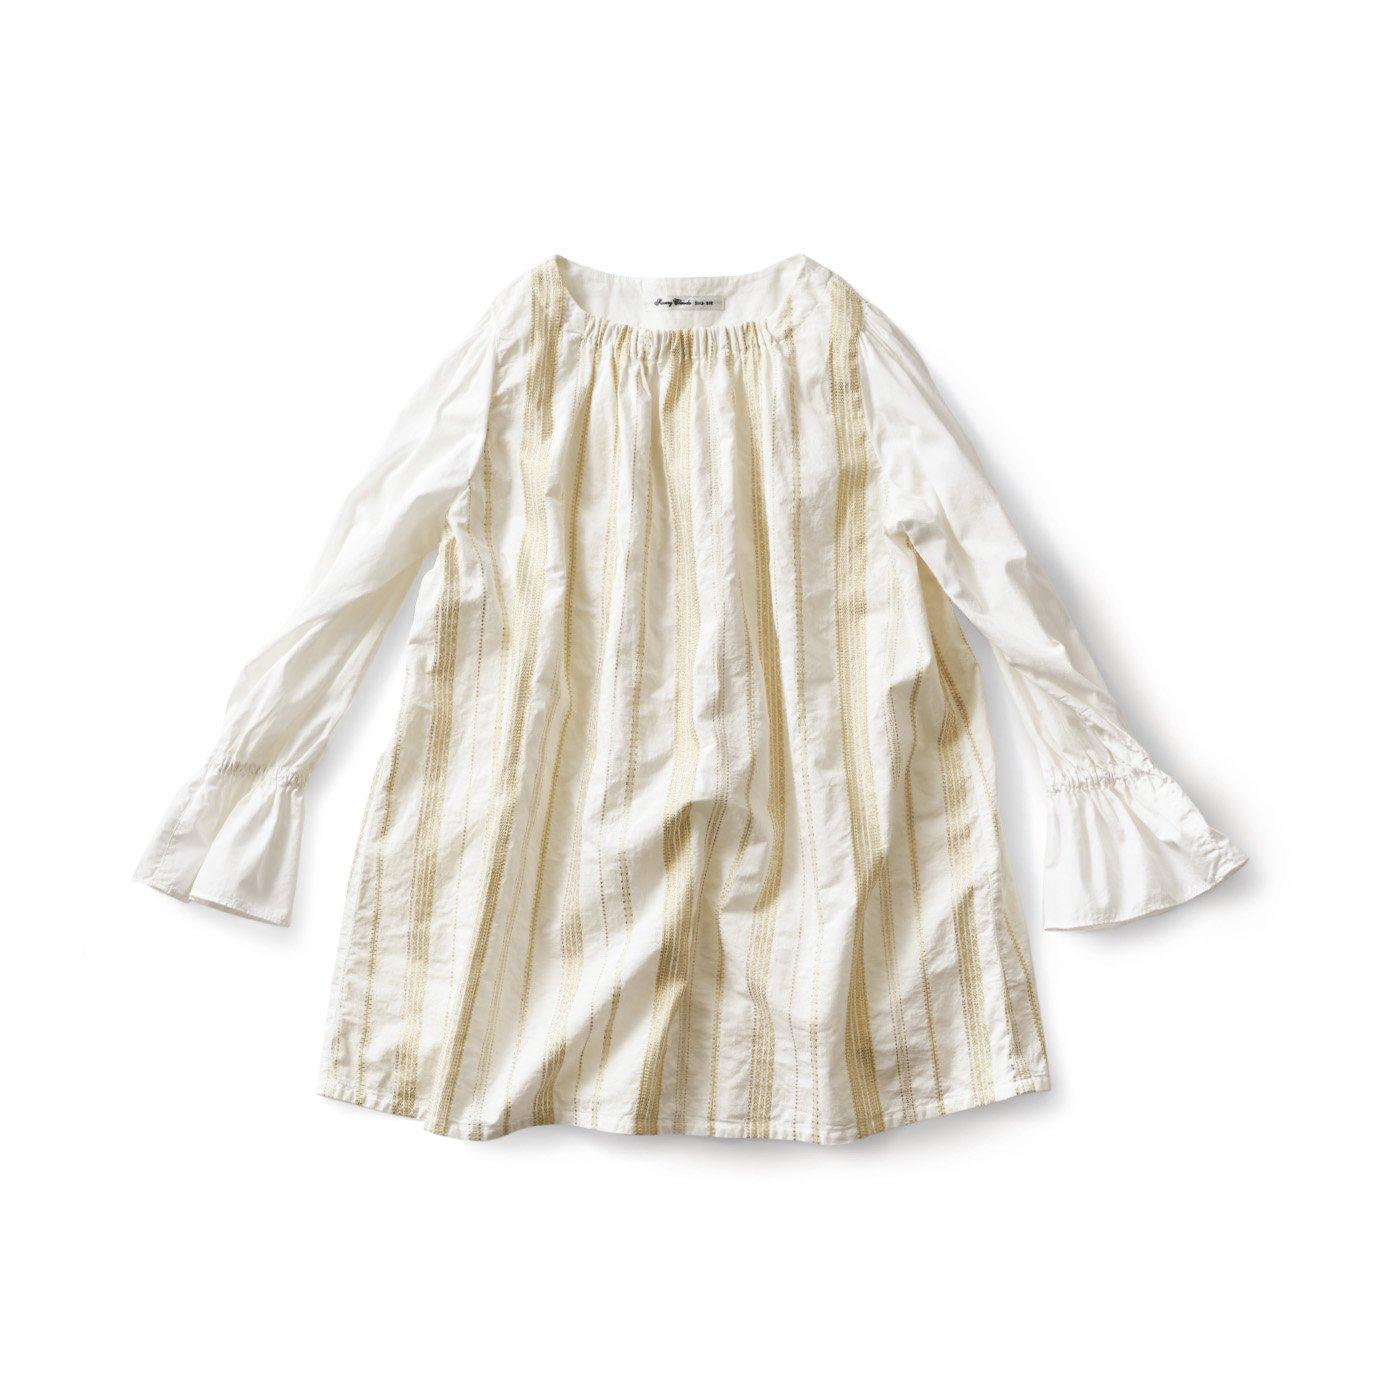 サニークラウズ 黄金色の織り模様チュニック〈レディース〉